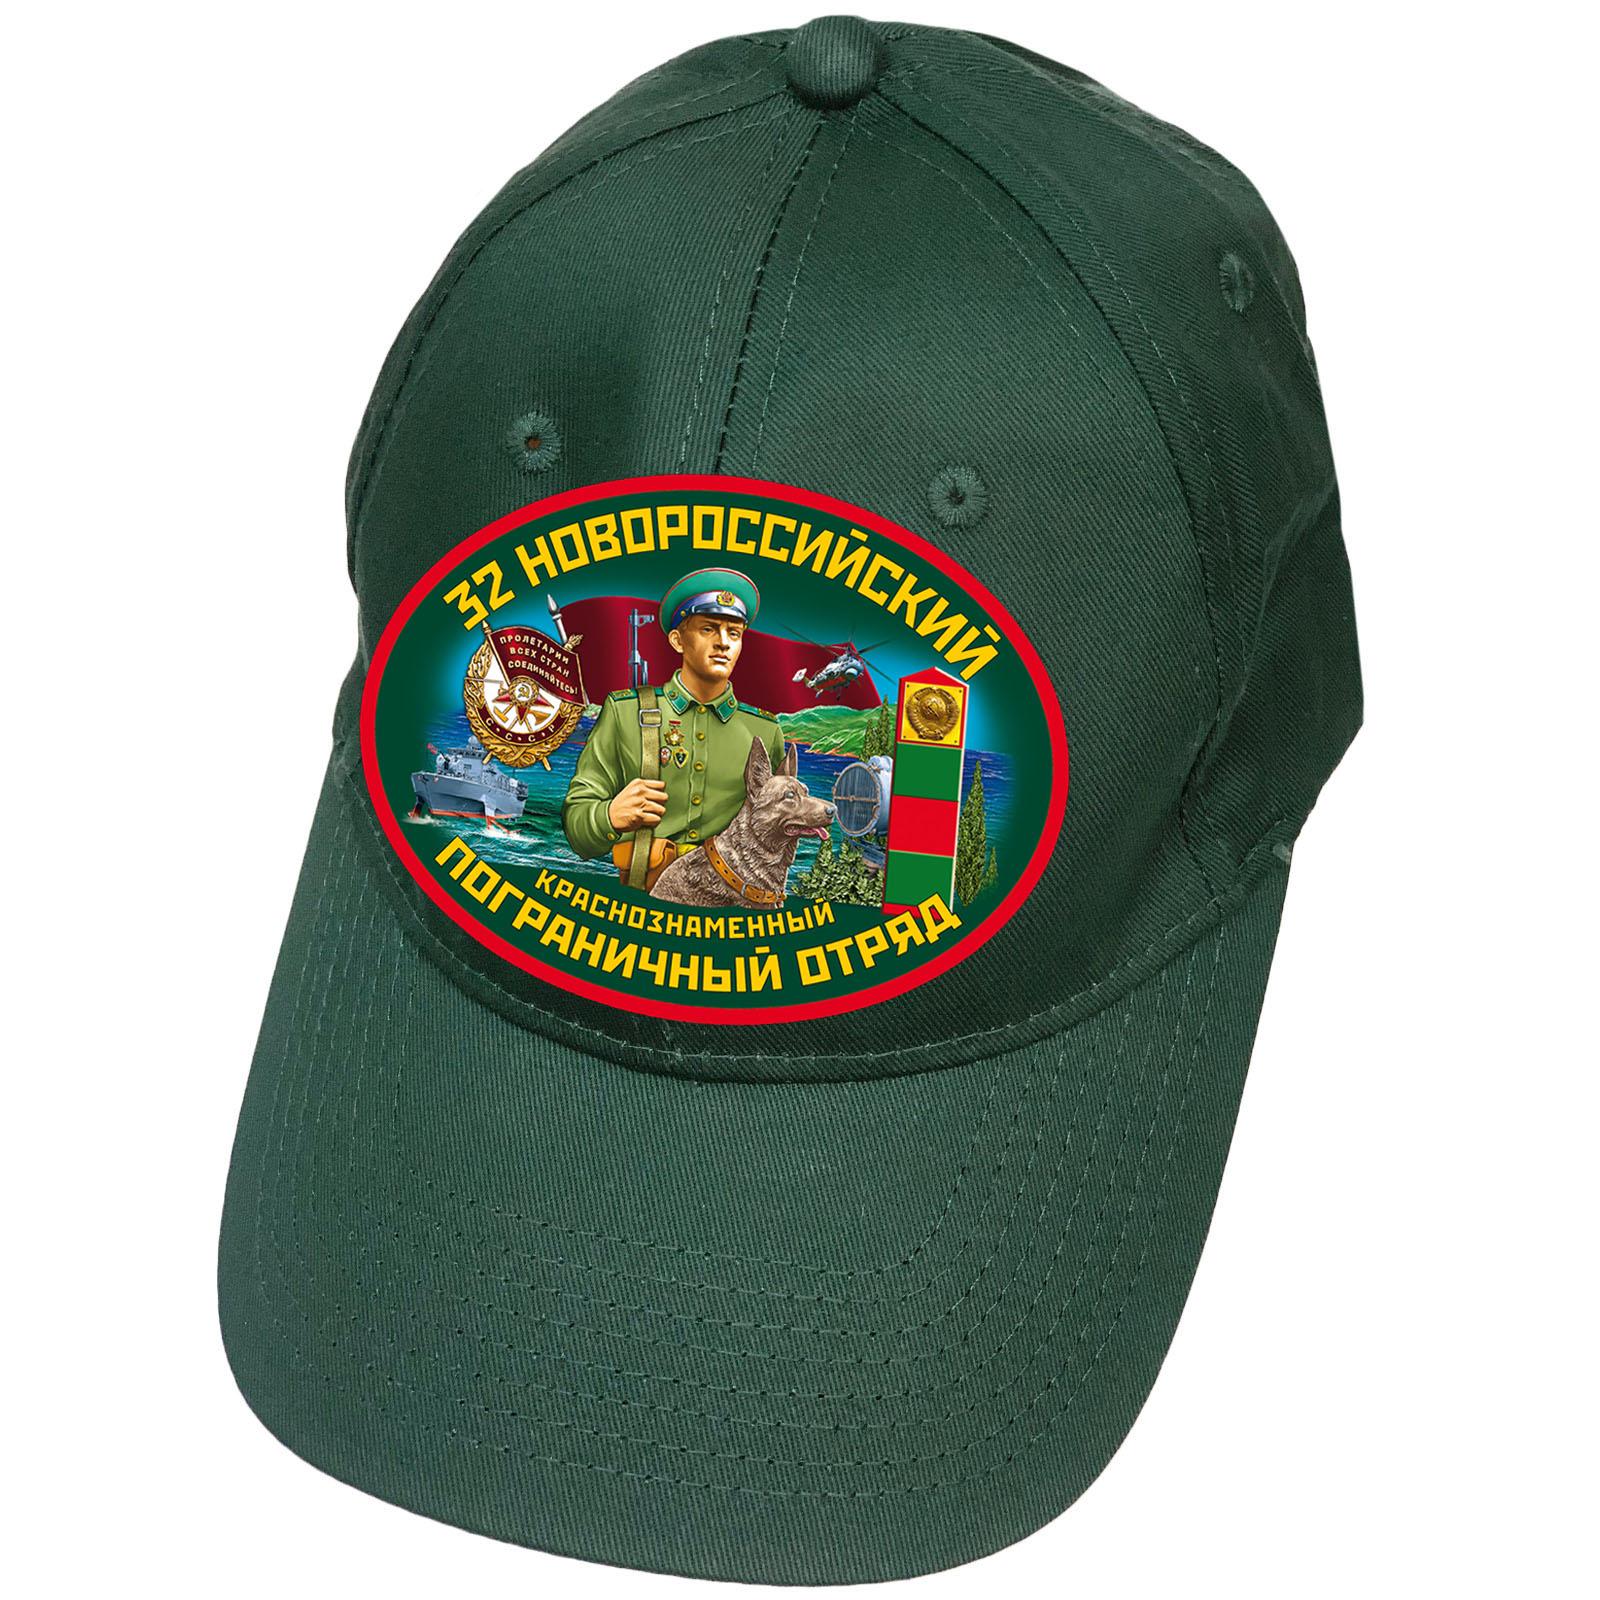 Тёмно-зелёная бейсболка 32 Новороссийского пограничного отряда